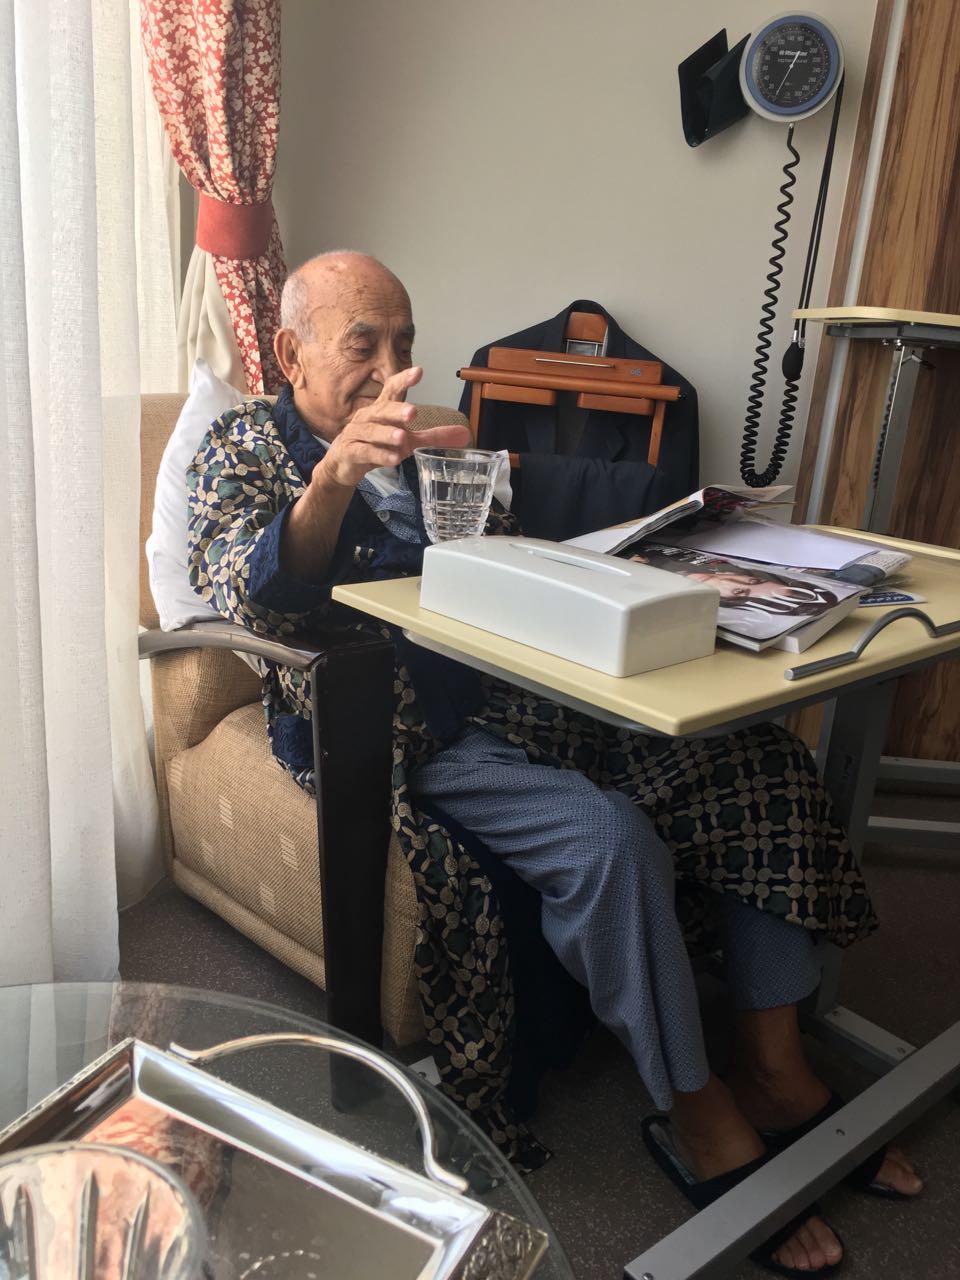 الزعيم عبد الرحمان اليوسفي صحته في تحسن مستمر+ الصورة